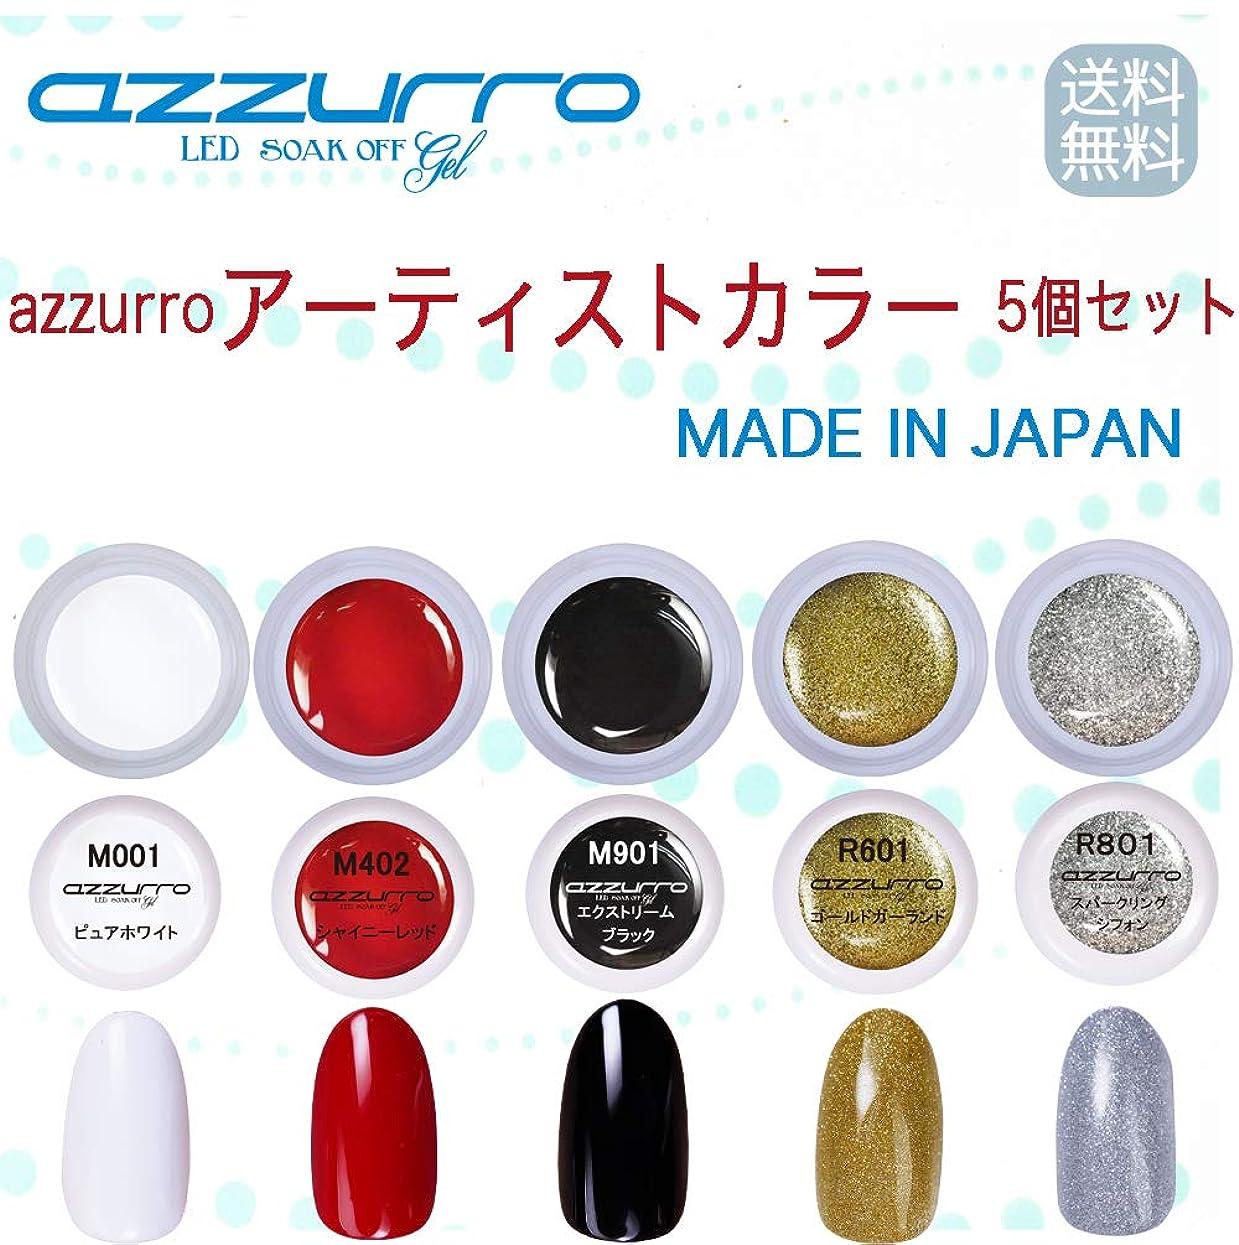 脈拍ドラゴンガード【送料無料】日本製 azzurro gel アーティストカラージェル5個セット トレンドのラインアートにもピッタリなカラー